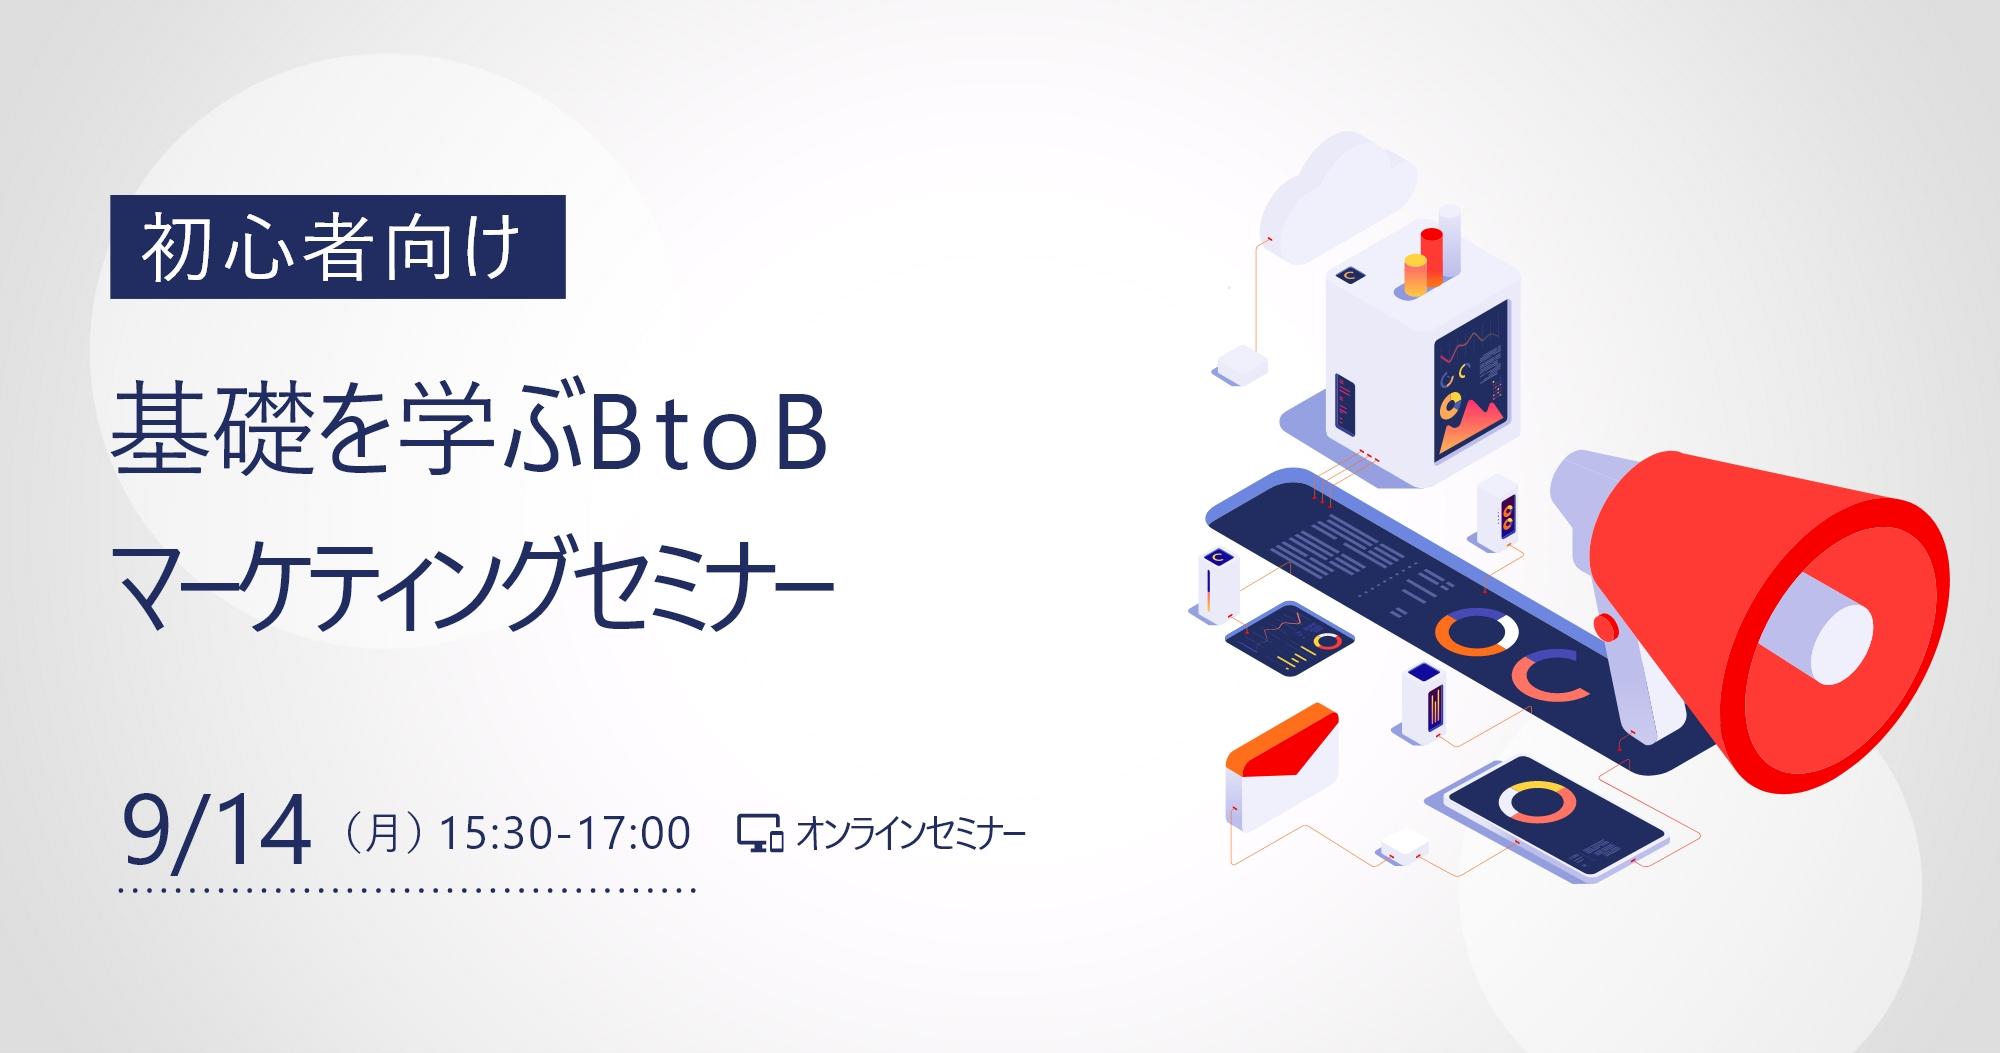 【9月14日(月)】[初心者向け]基礎を学ぶBtoBマーケティングセミナー